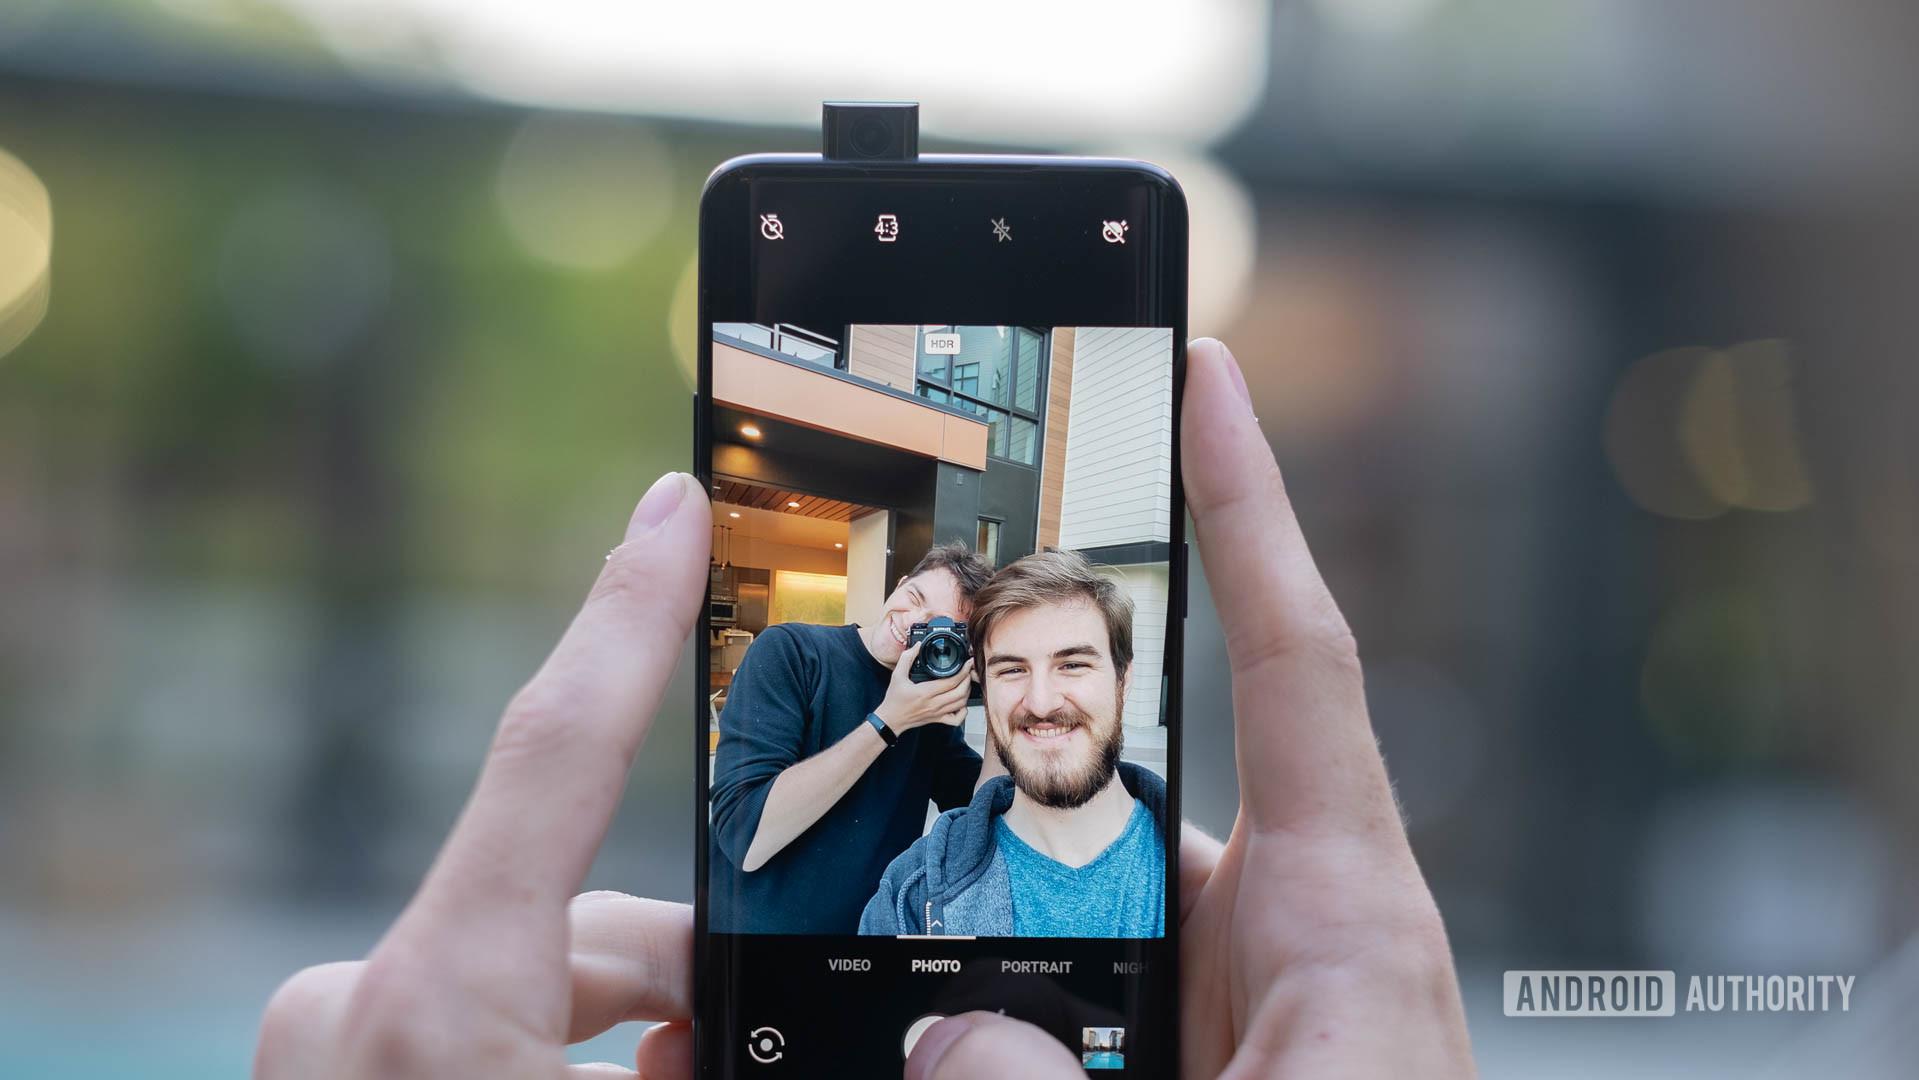 Китай теперь заставит граждан предоставлять правительству данные сканирования лица с помощью смартфонов